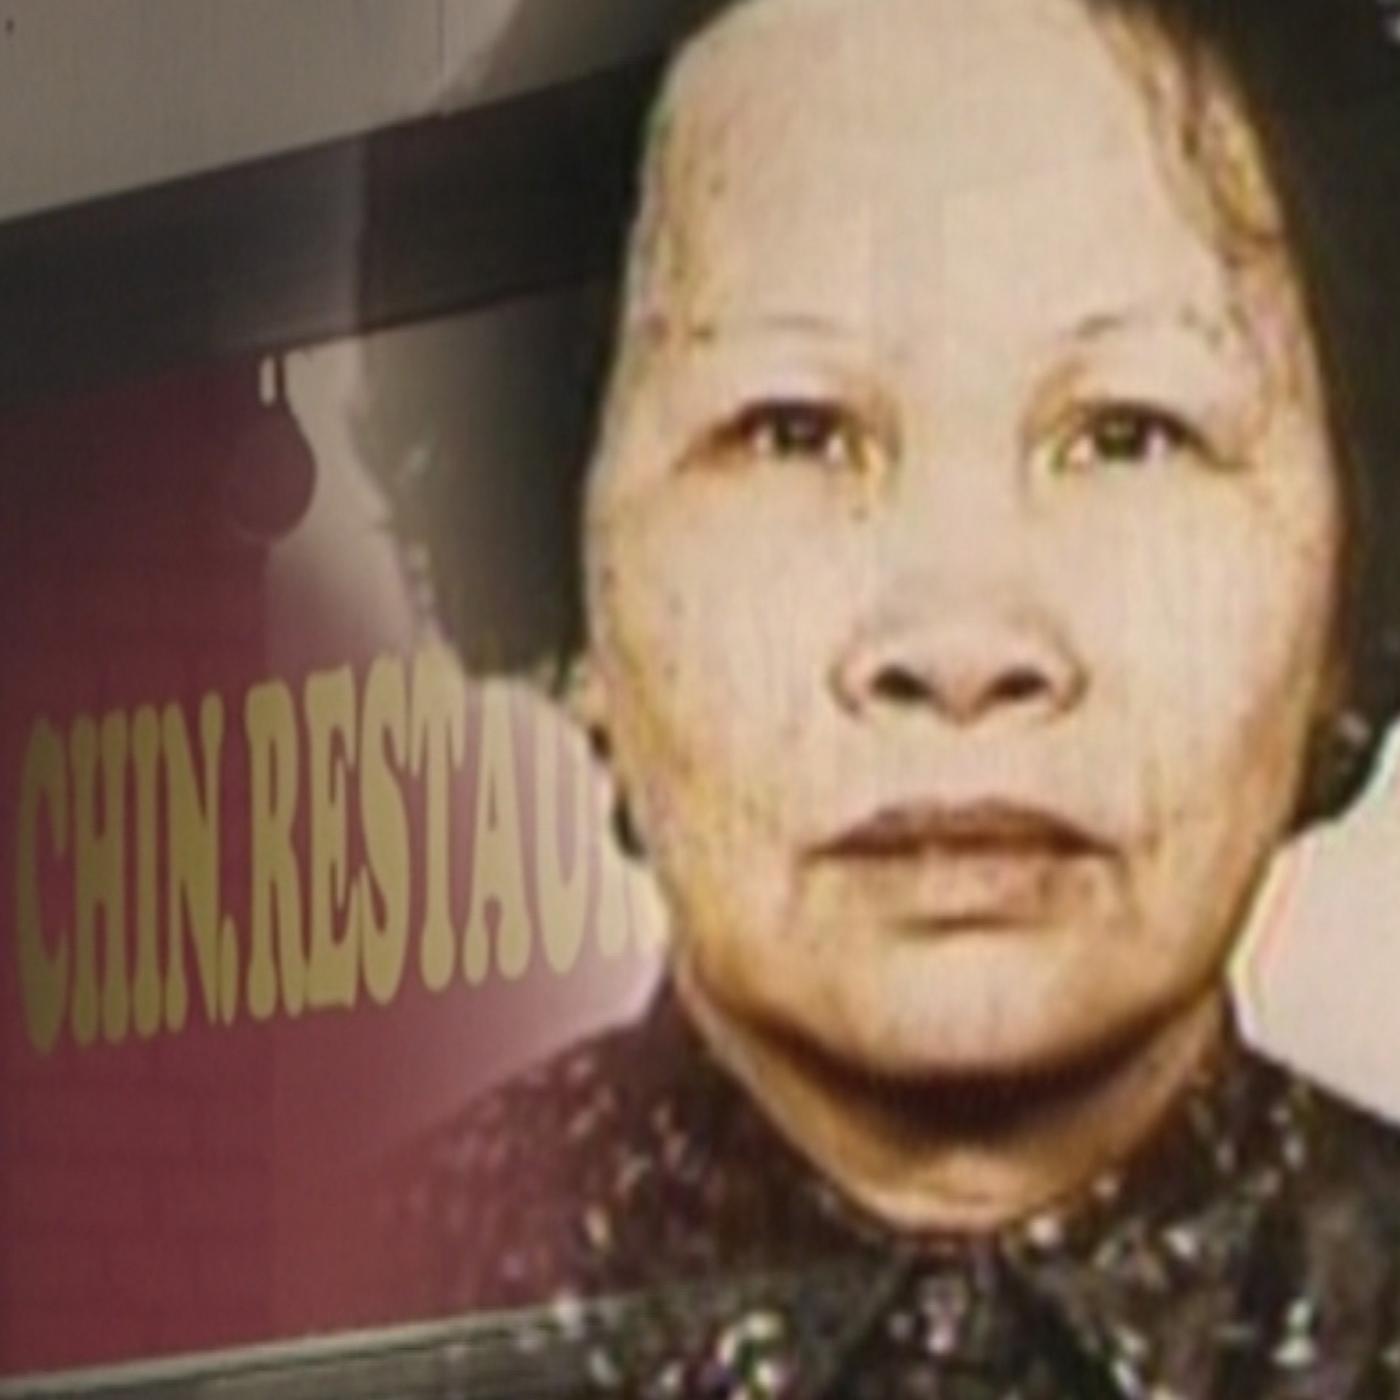 De Zes van Breda - Moord op Oma Mok